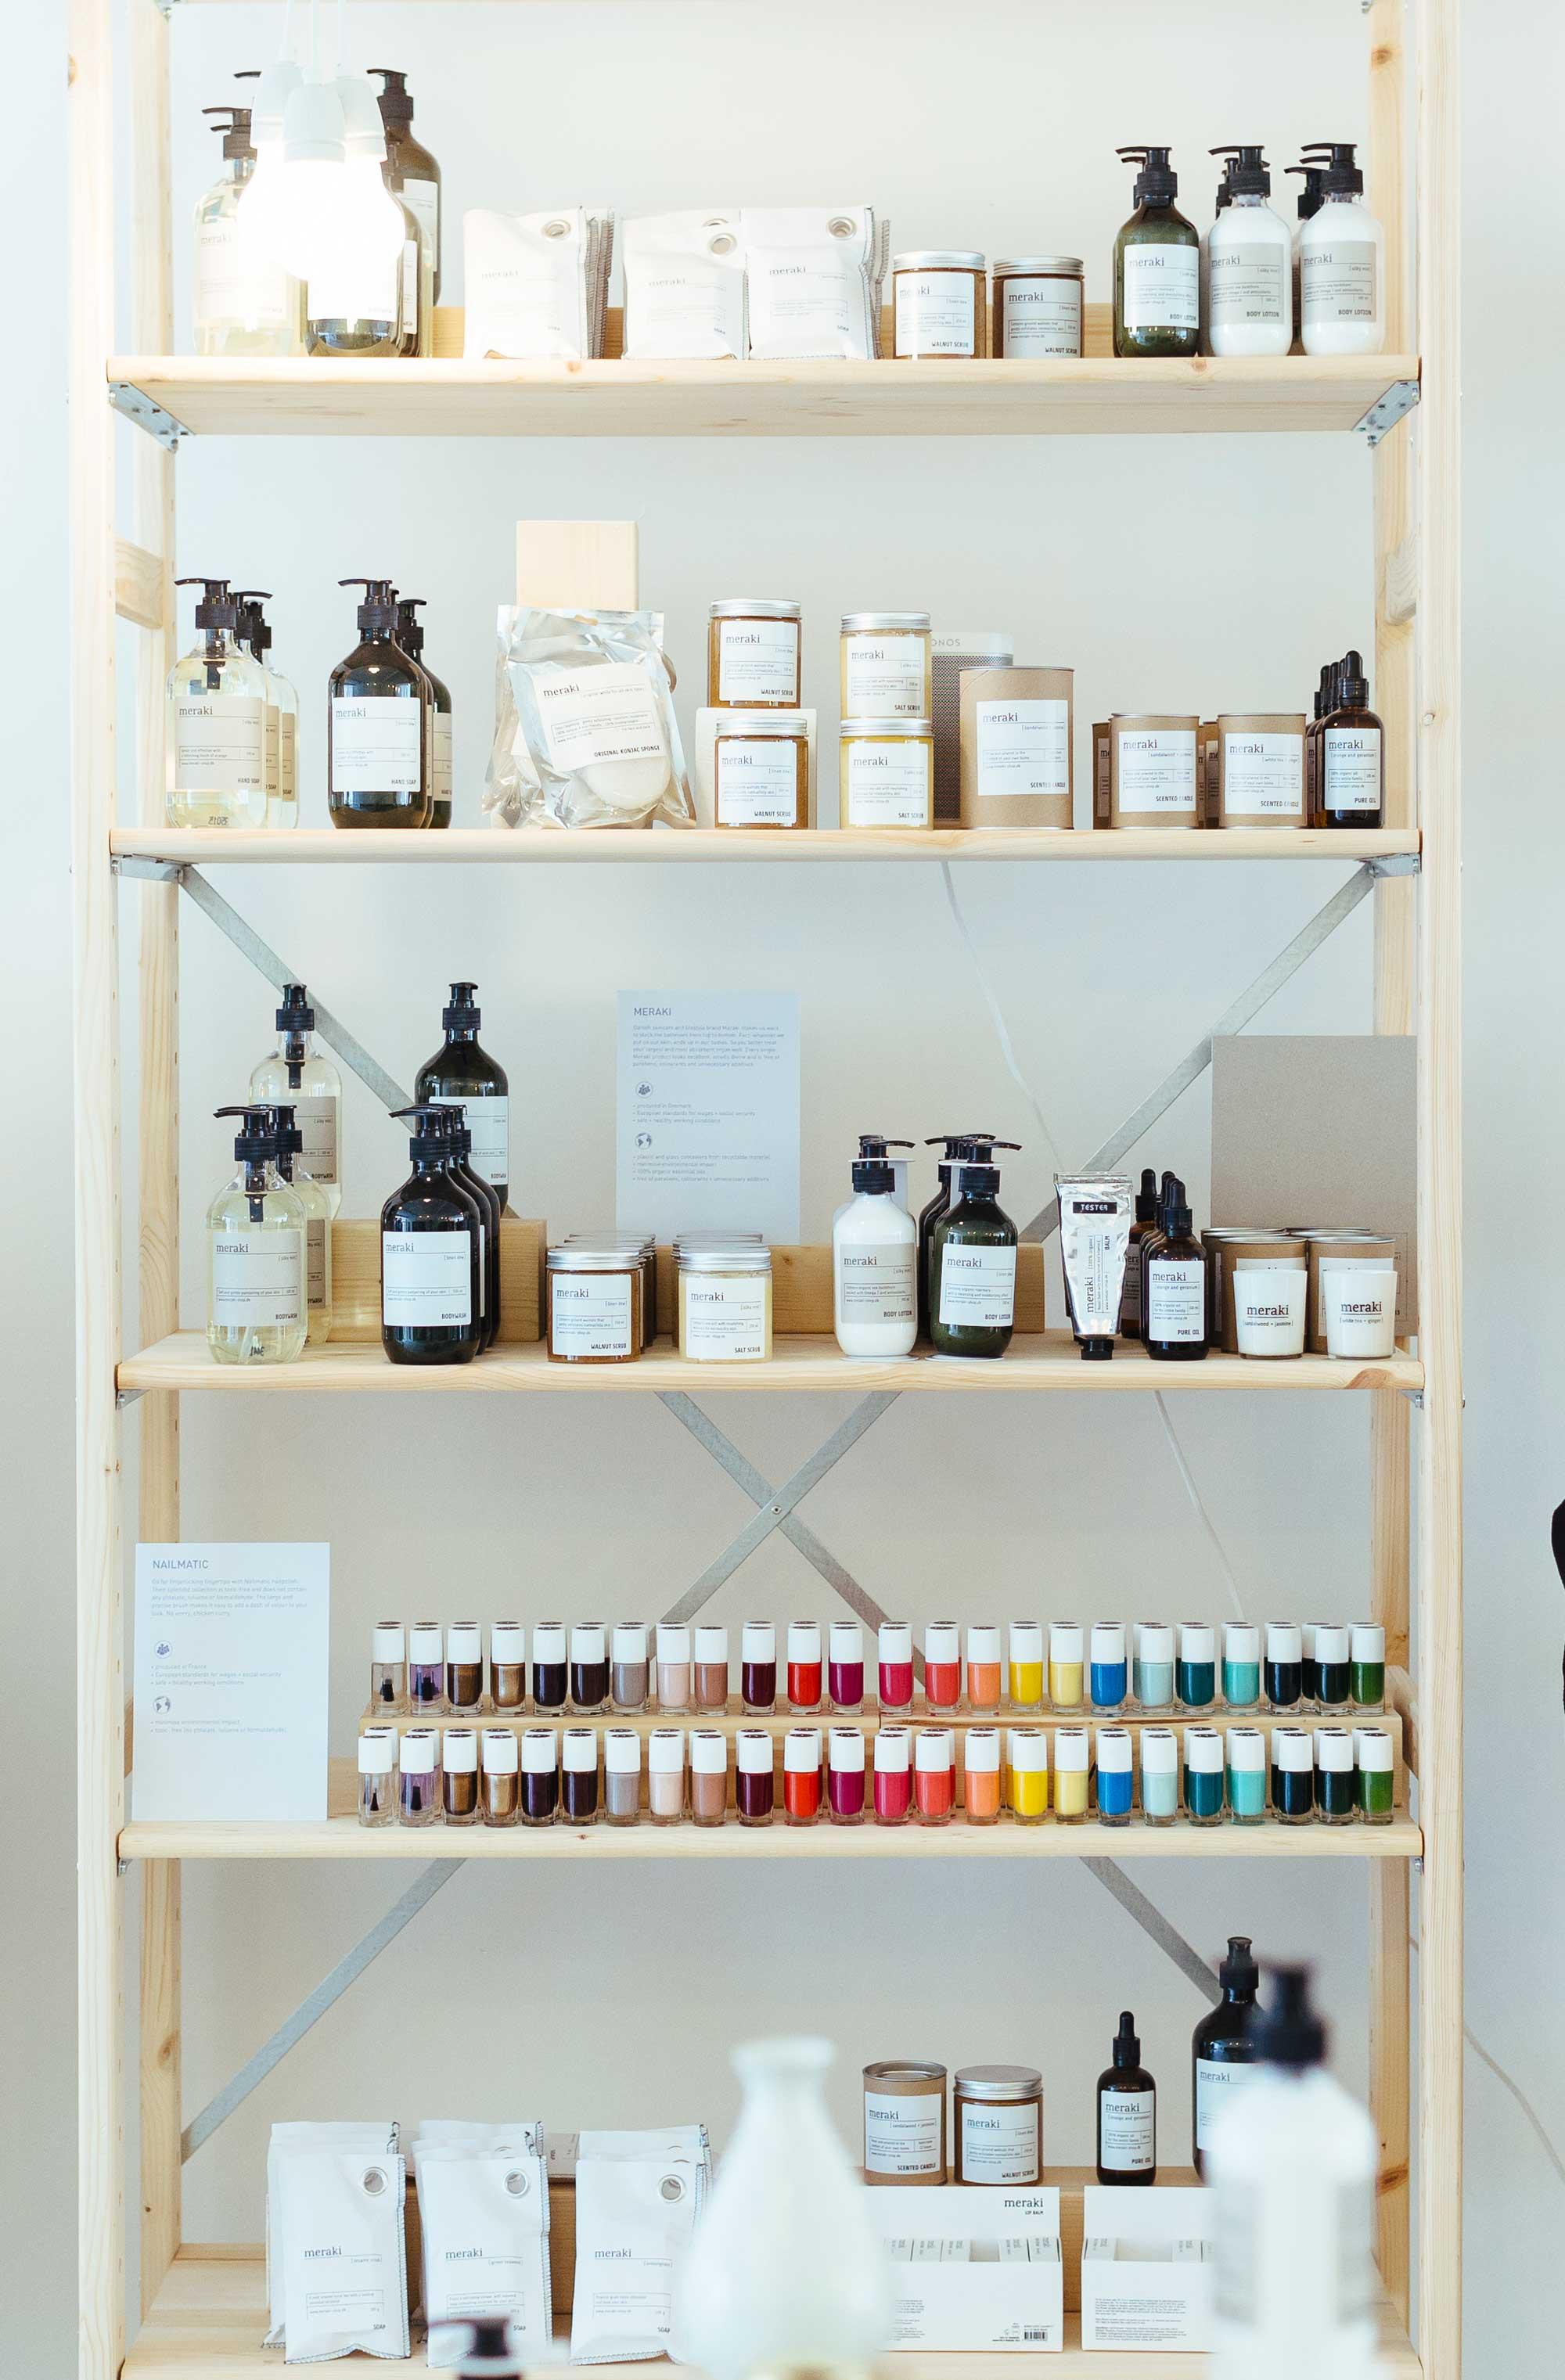 studio JUX + co. duurzame winkel Amsterdam | www.vtwonen.be